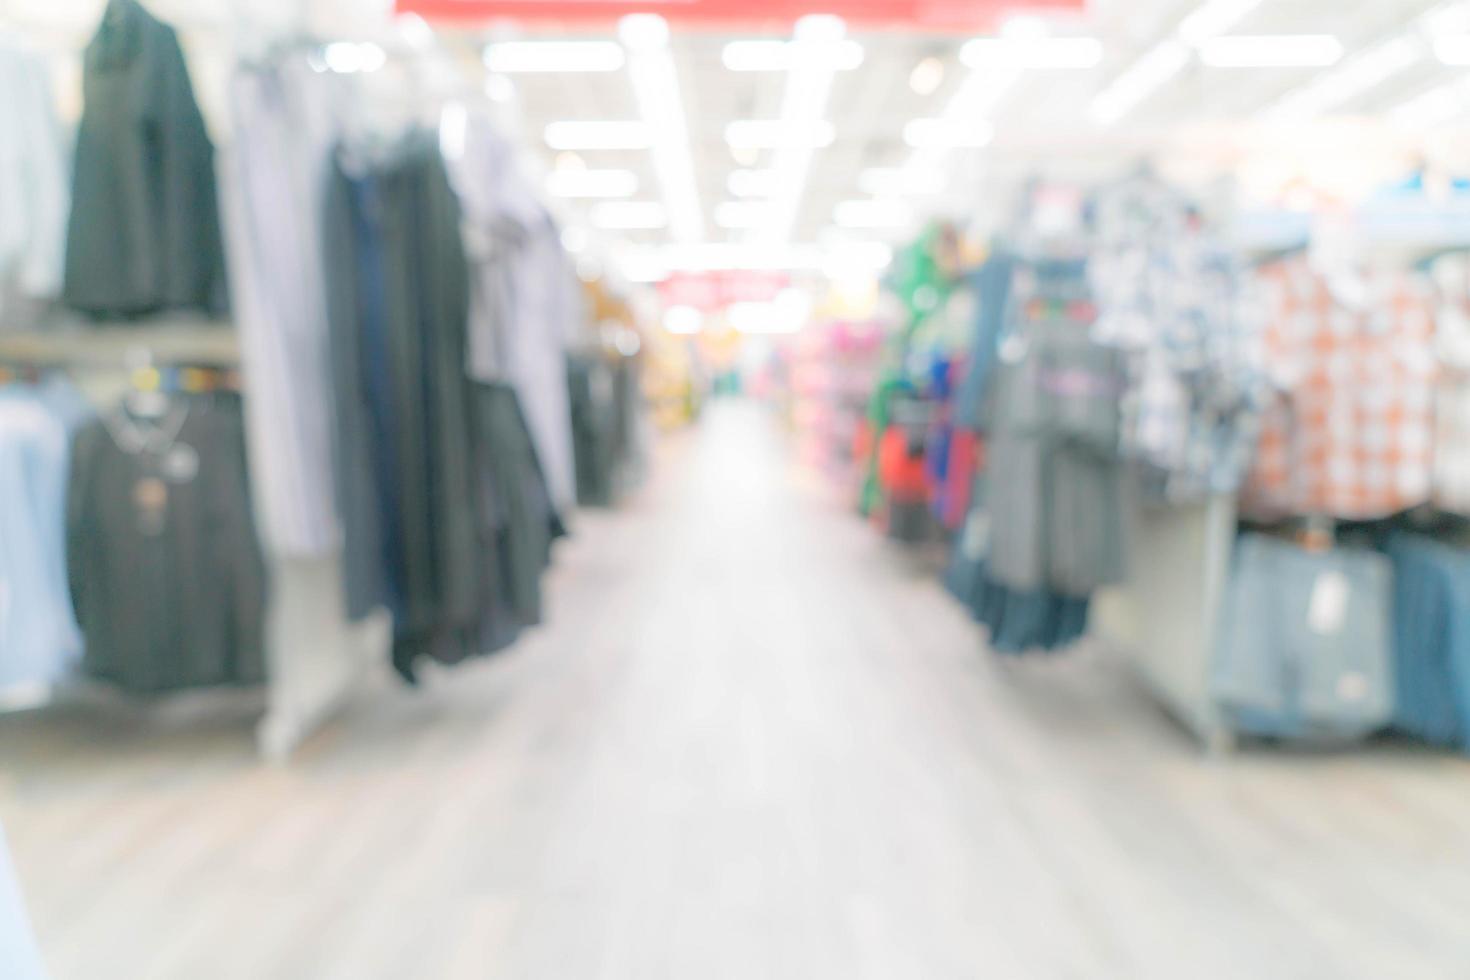 centro comercial borroso abstracto y el interior de la tienda minorista foto